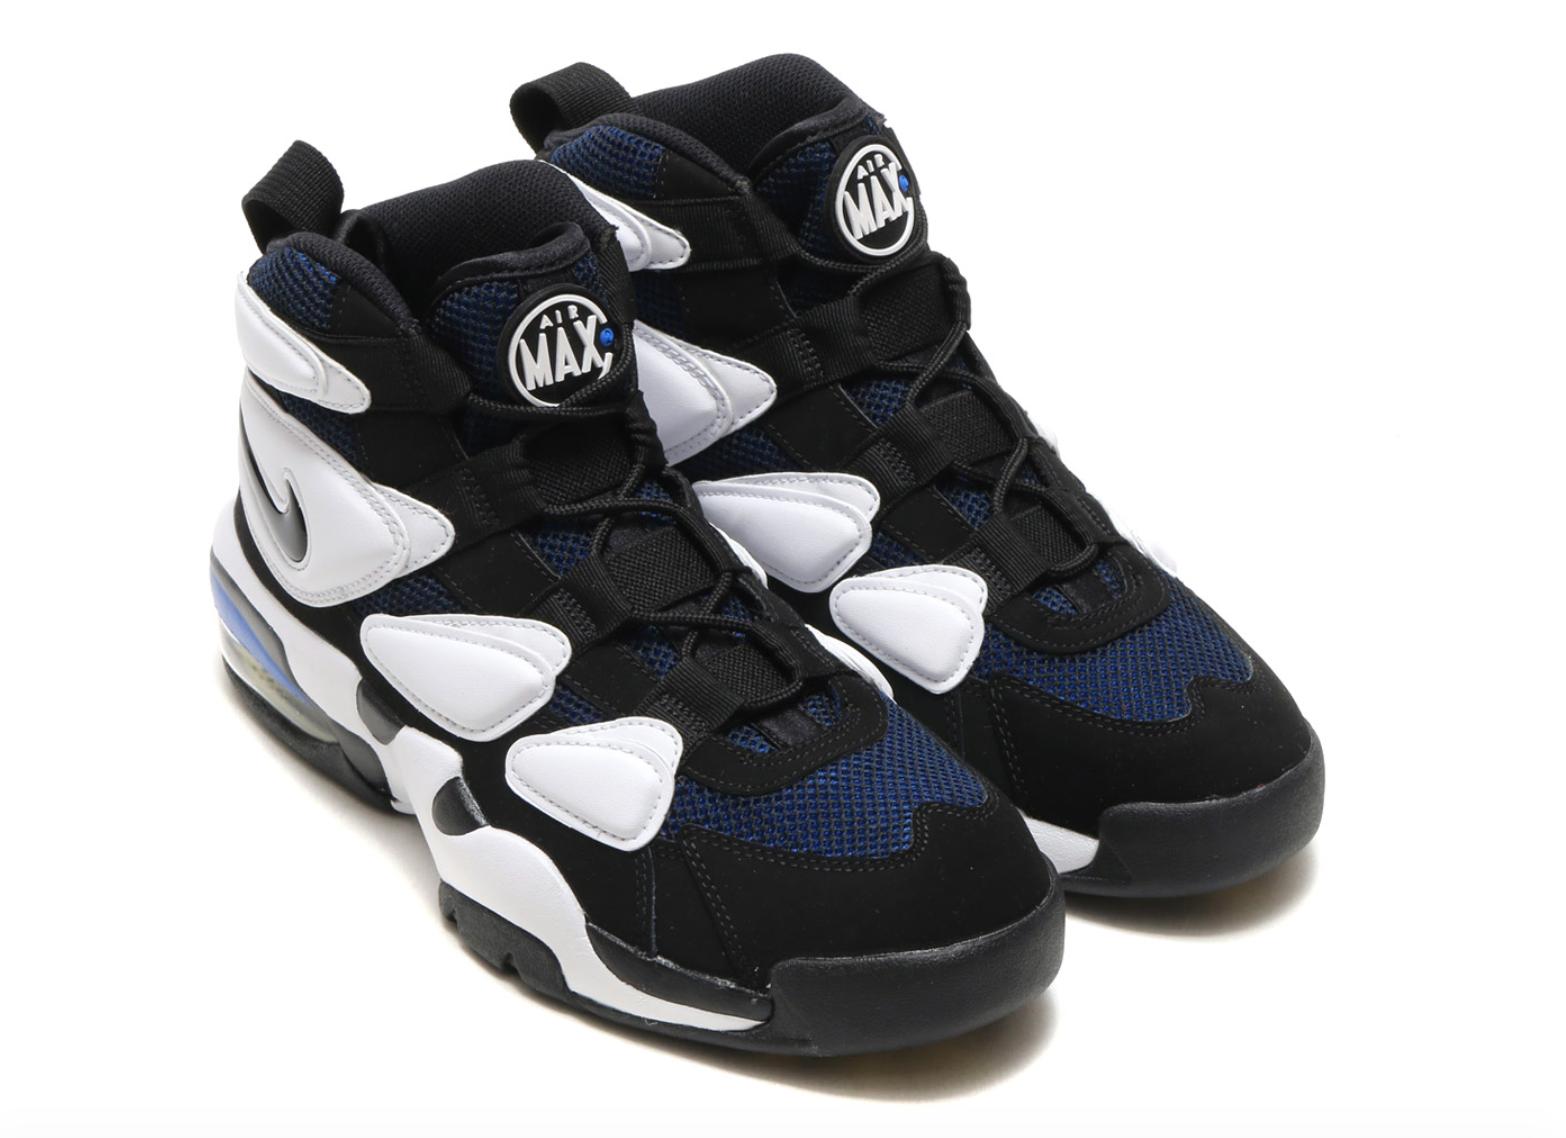 hacer clic calcio Saliente  Get The Nike Air Max 2 Uptempo 94 OG Duke Now • KicksOnFire.com